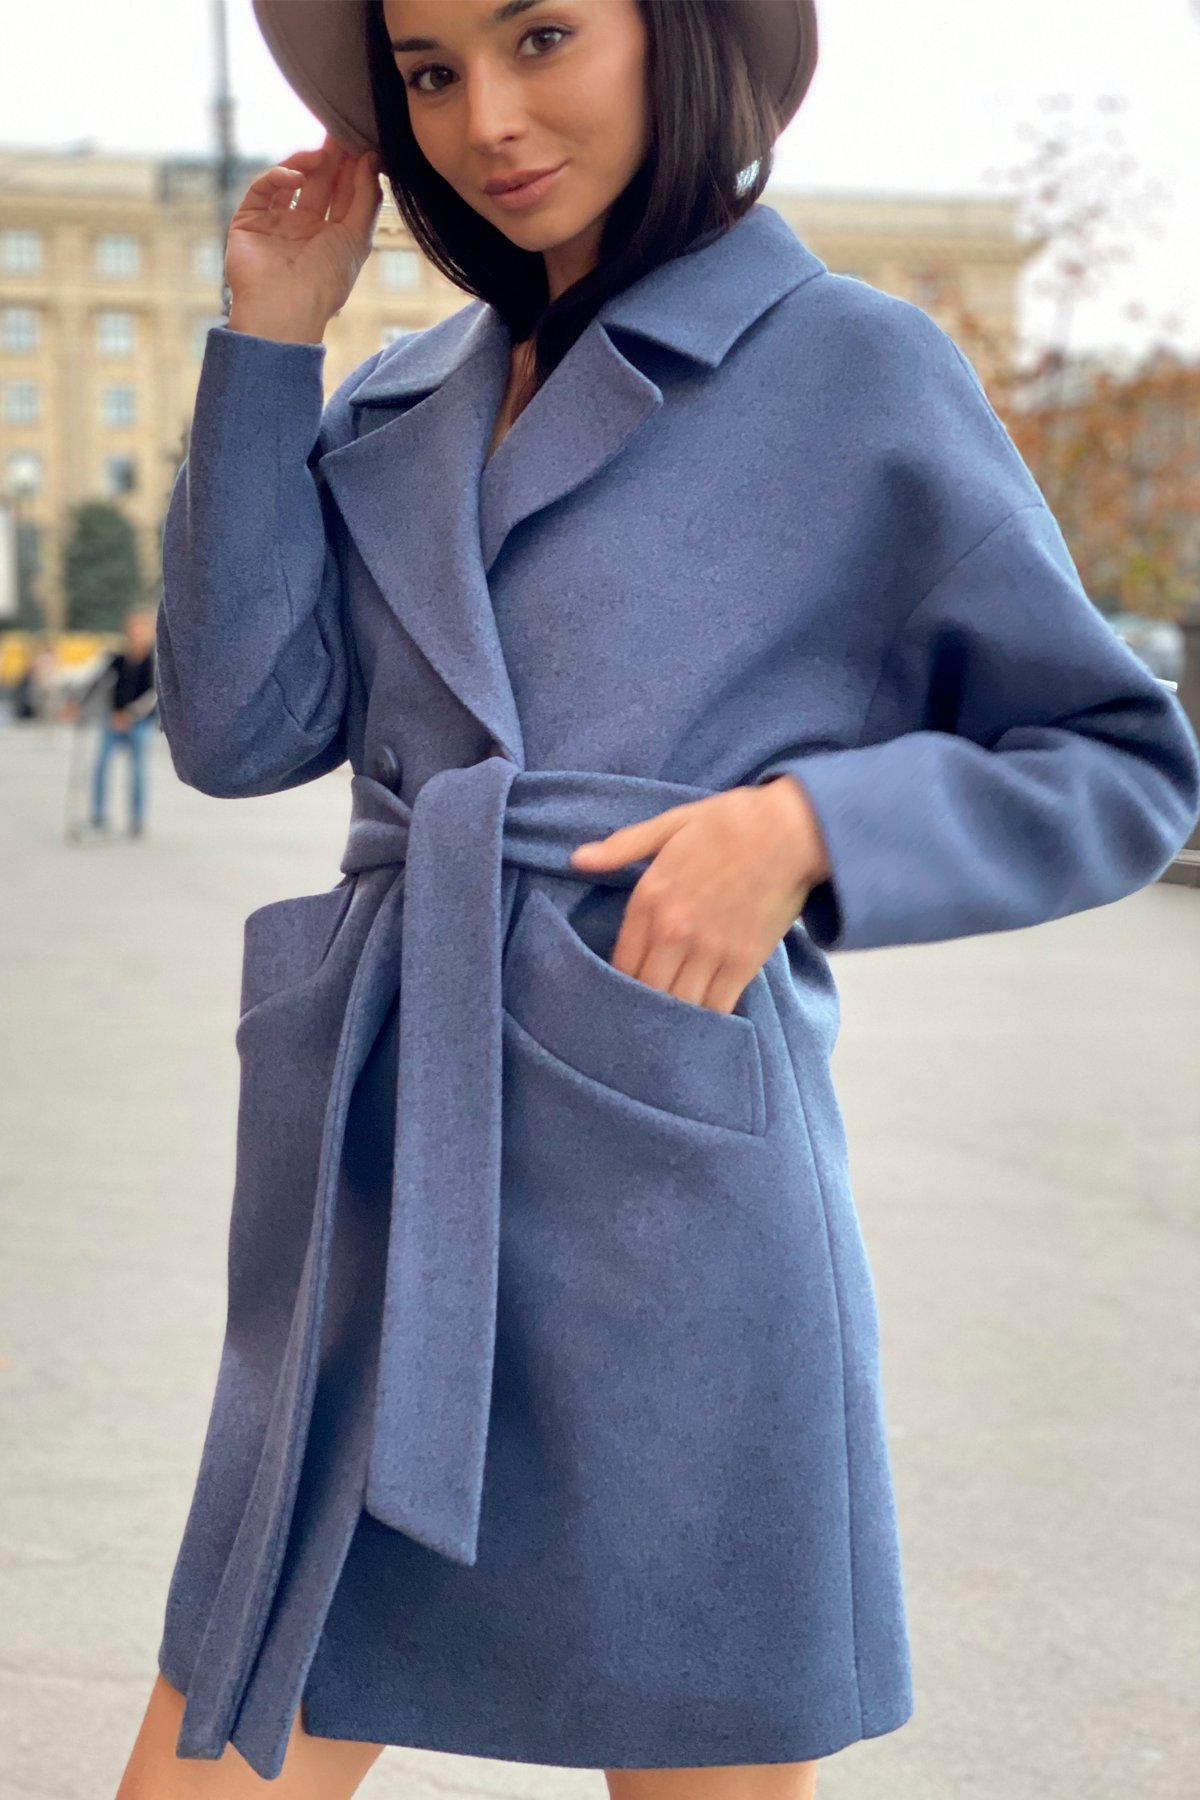 Пальто Сенсей 9057 АРТ. 45371 Цвет: Джинс 41 - фото 11, интернет магазин tm-modus.ru